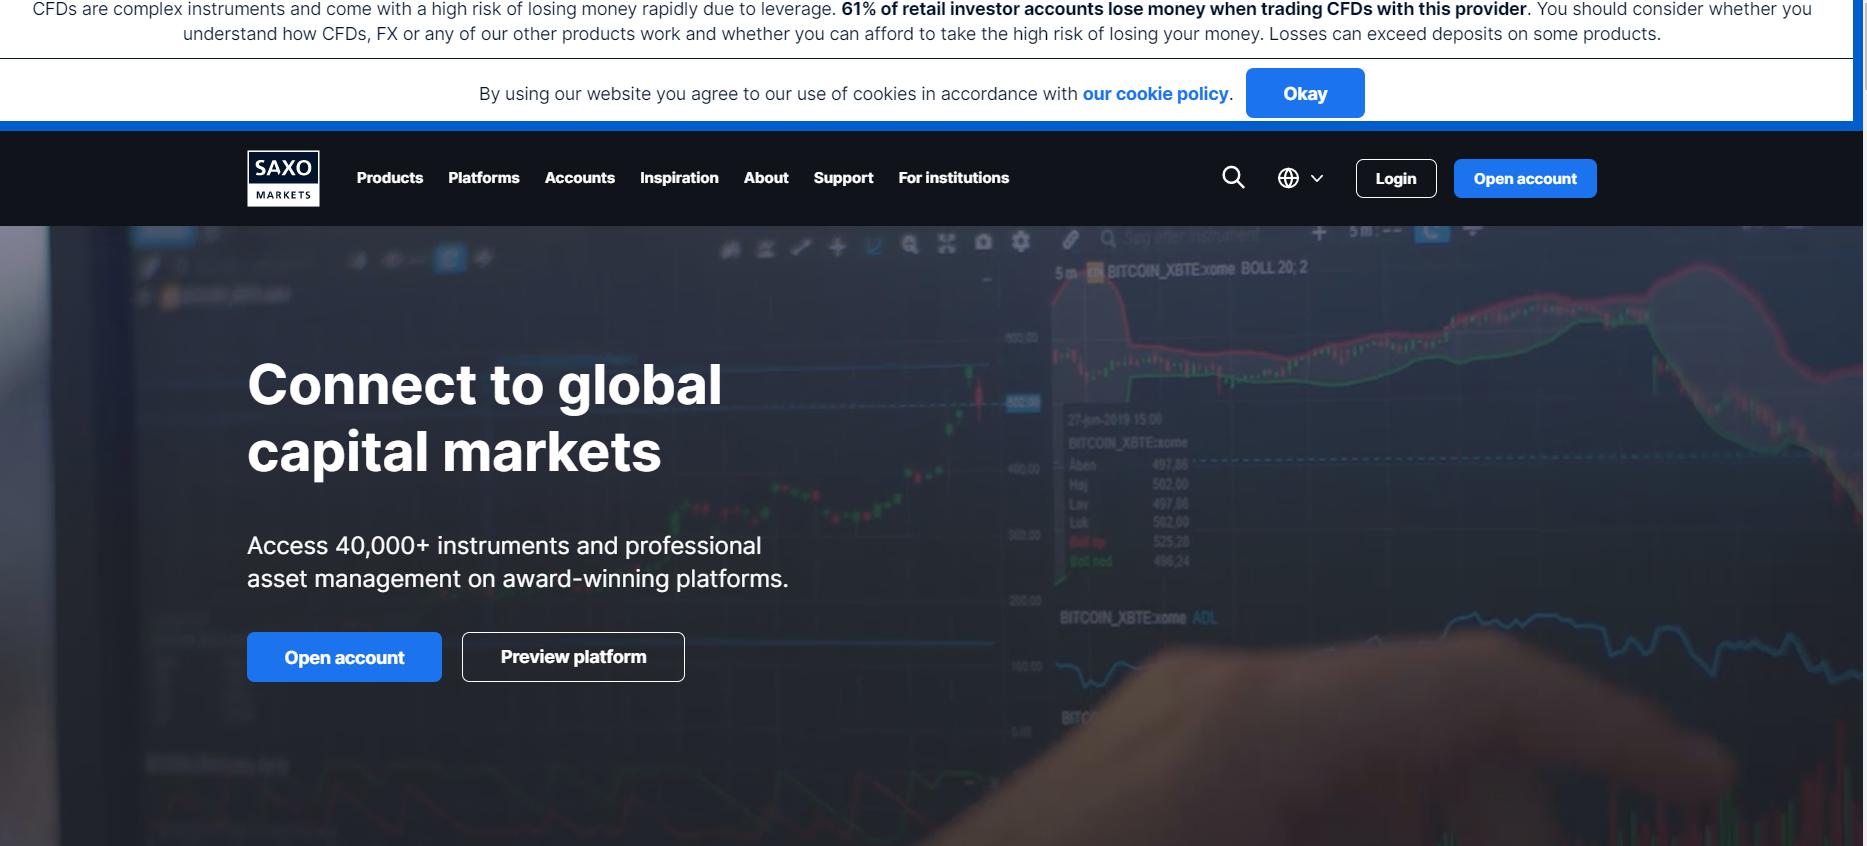 forex and optiona trading uk